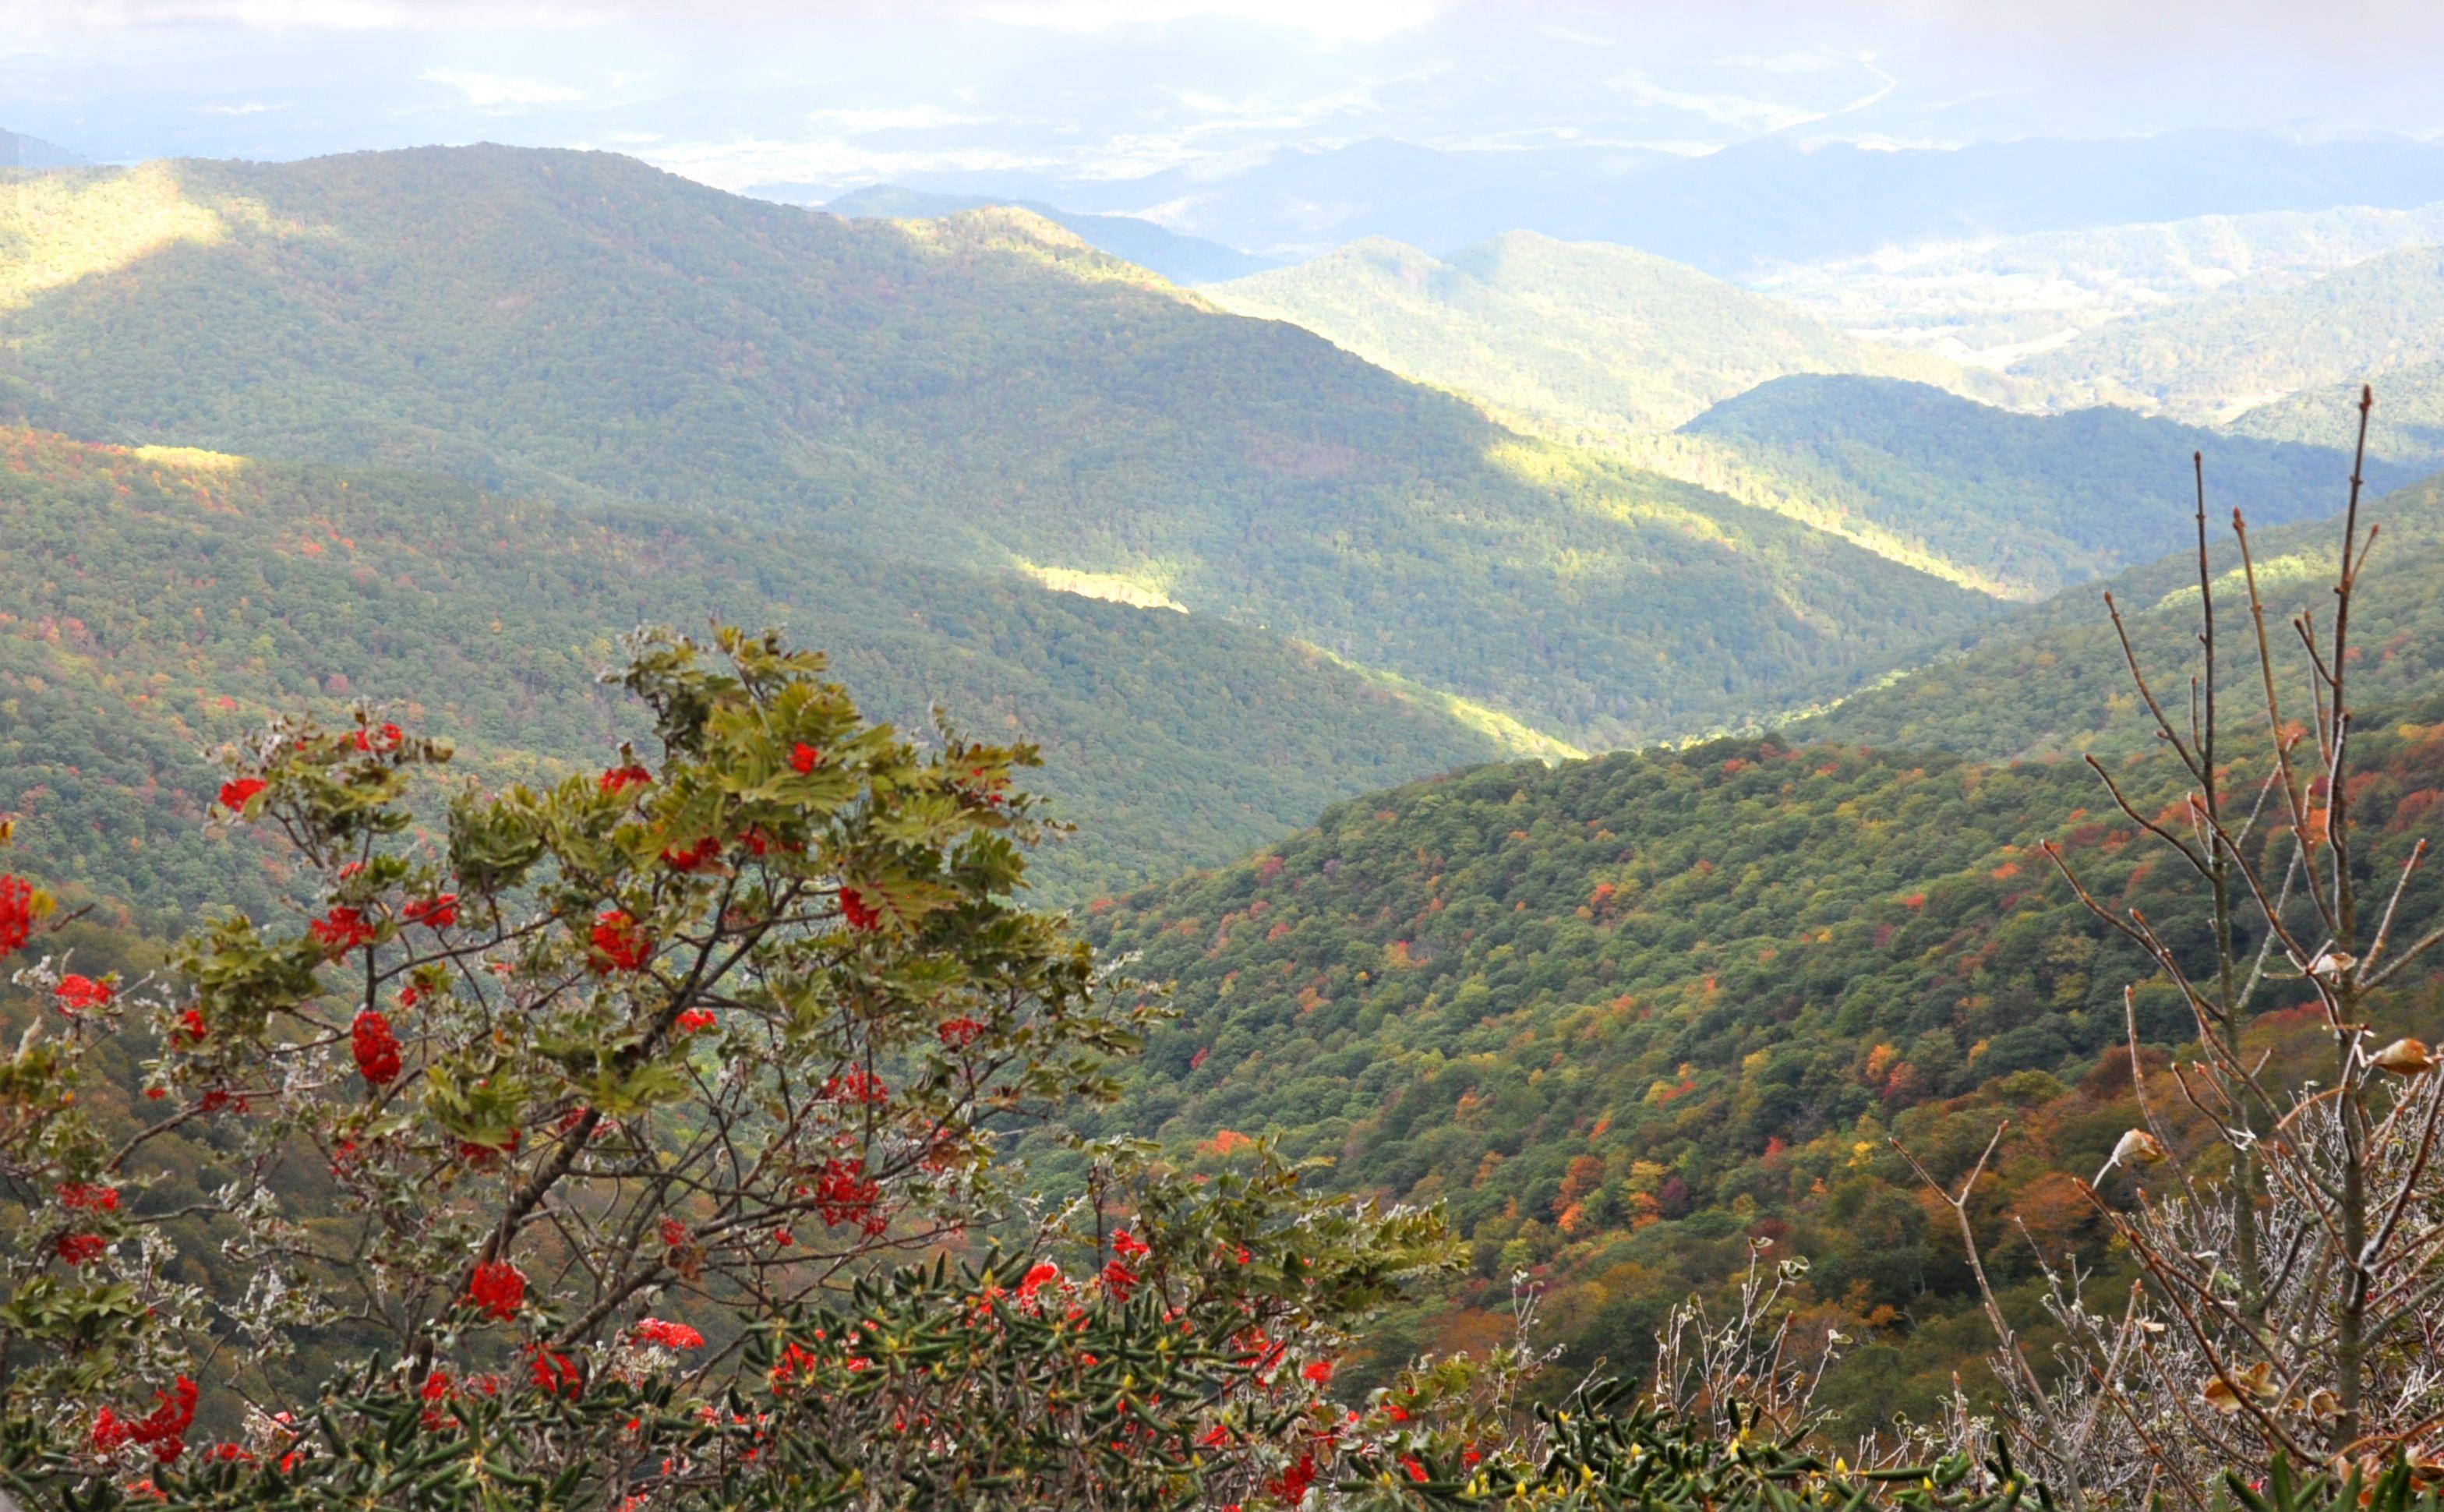 ridge mountains pinterest - photo #27